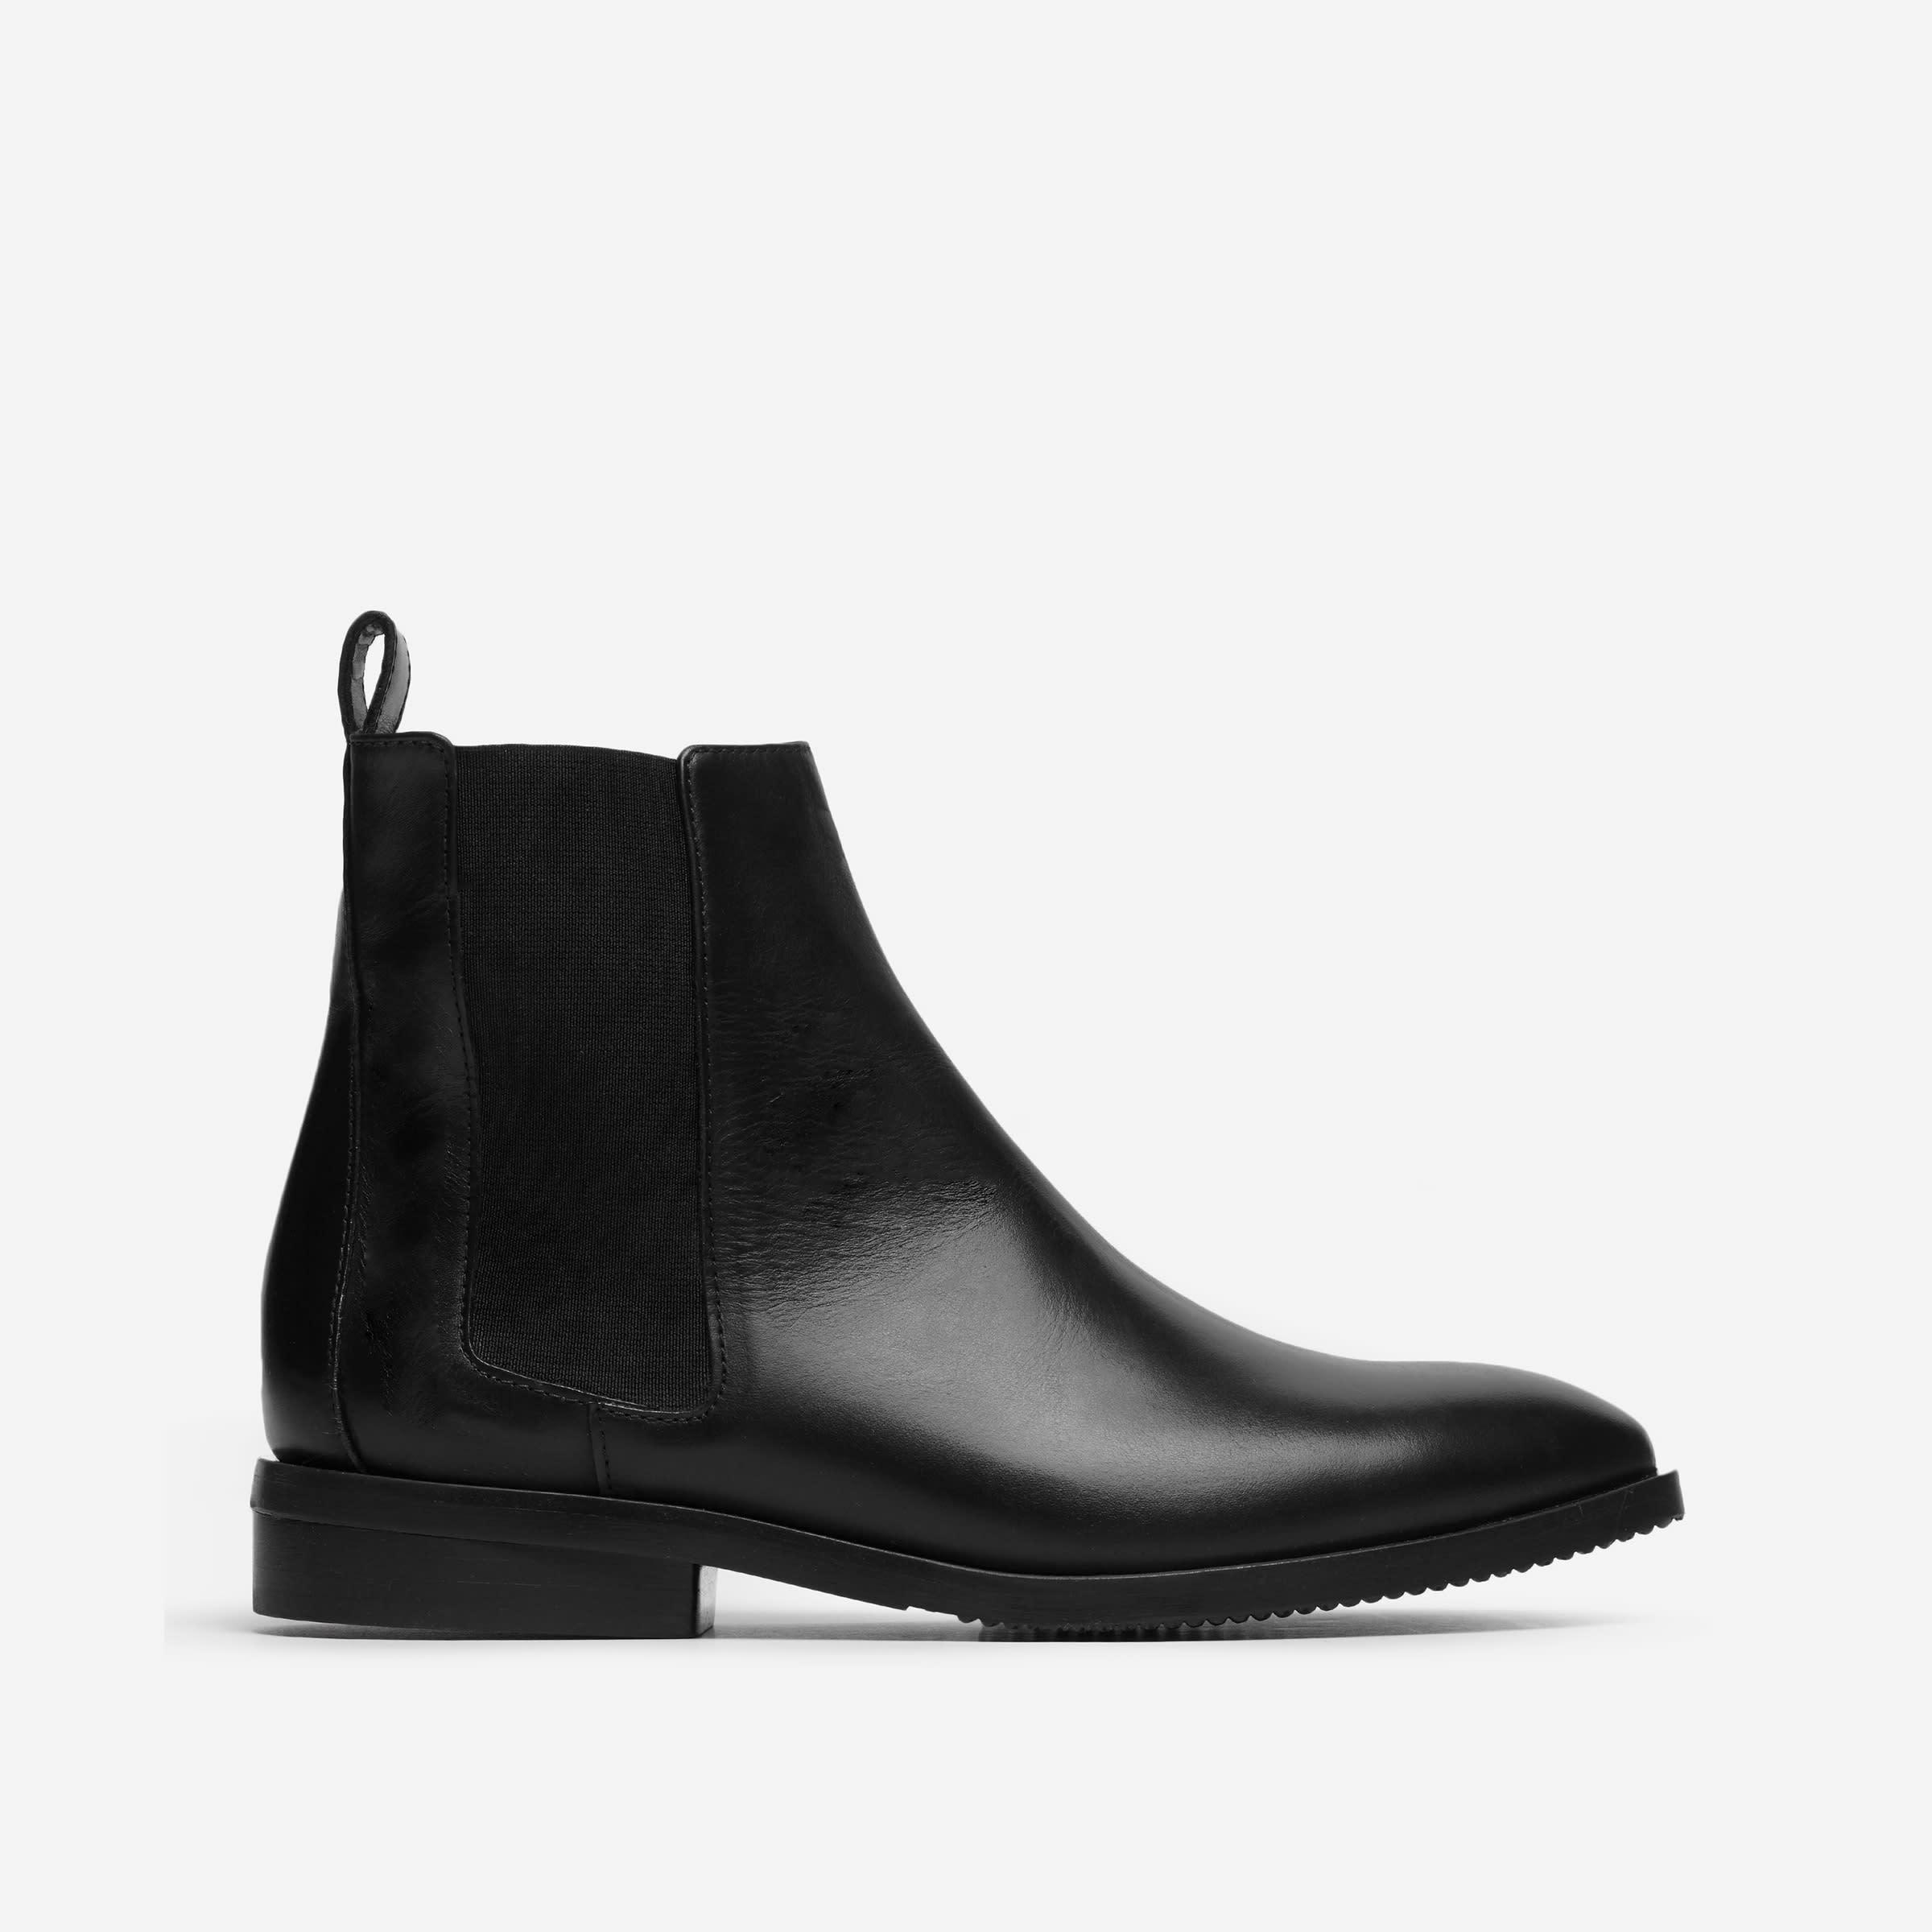 The Modern Chelsea Boot Everlane